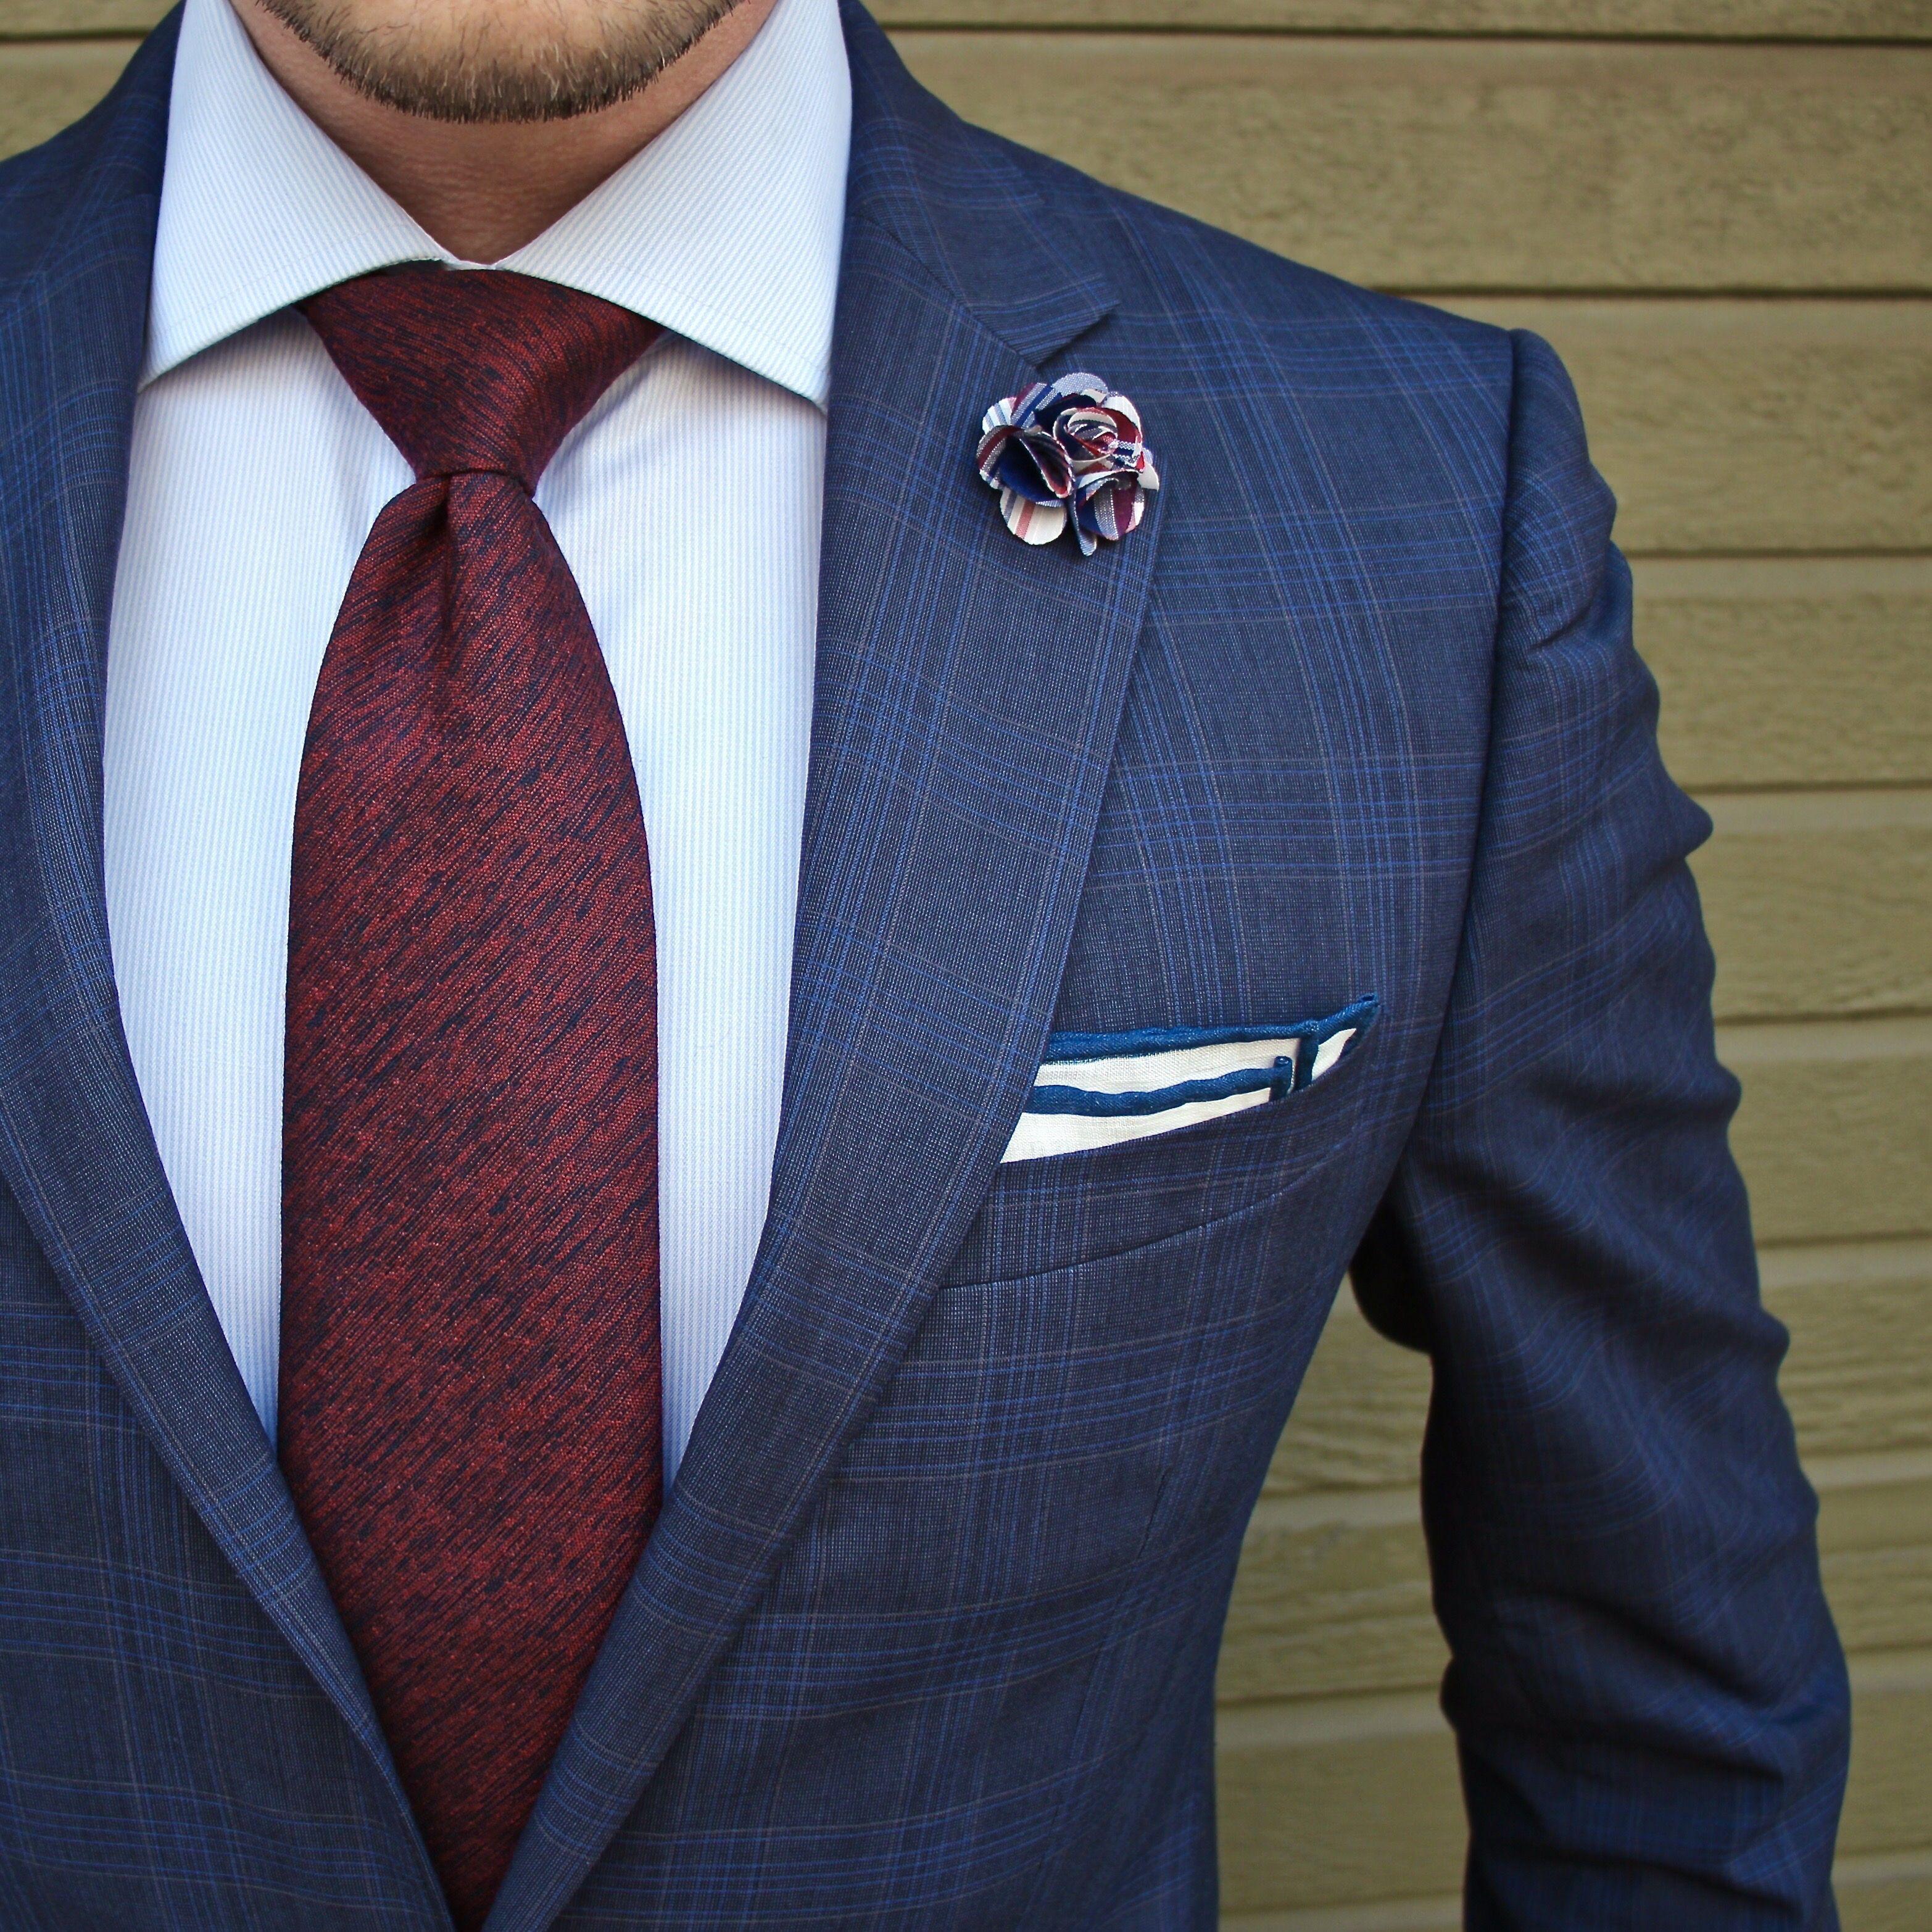 администрация города как правильно подобрать галстук к костюму фото поселок